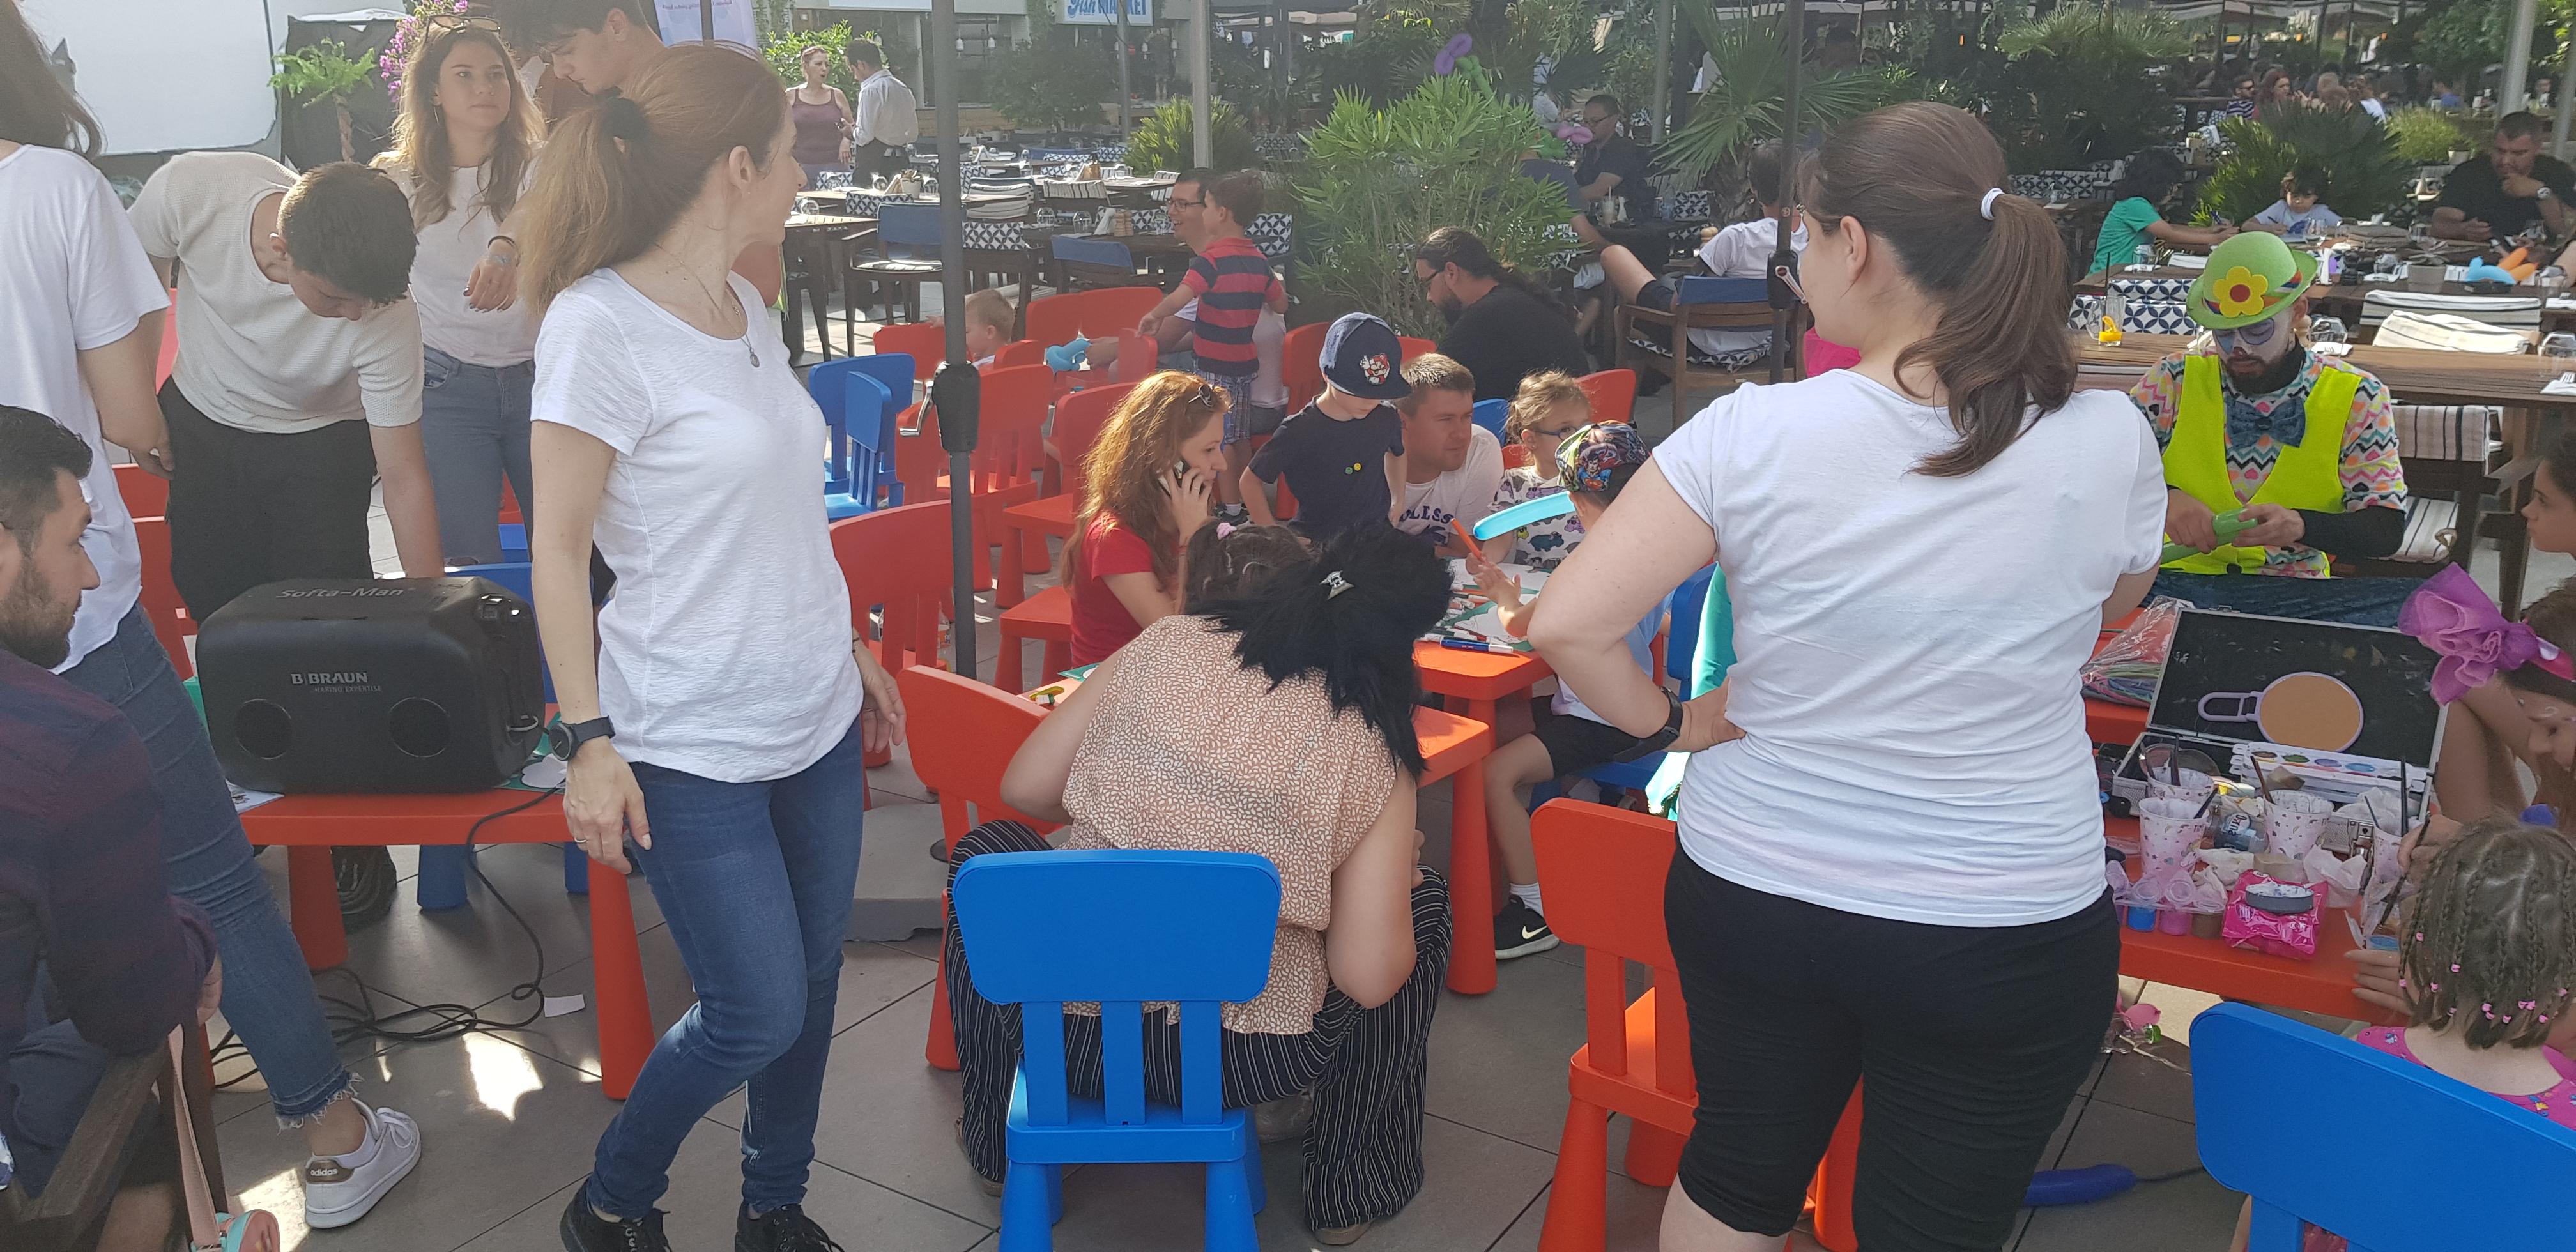 """Campania """"Mâini Curate pentru toți"""" continuă la Iași și București"""